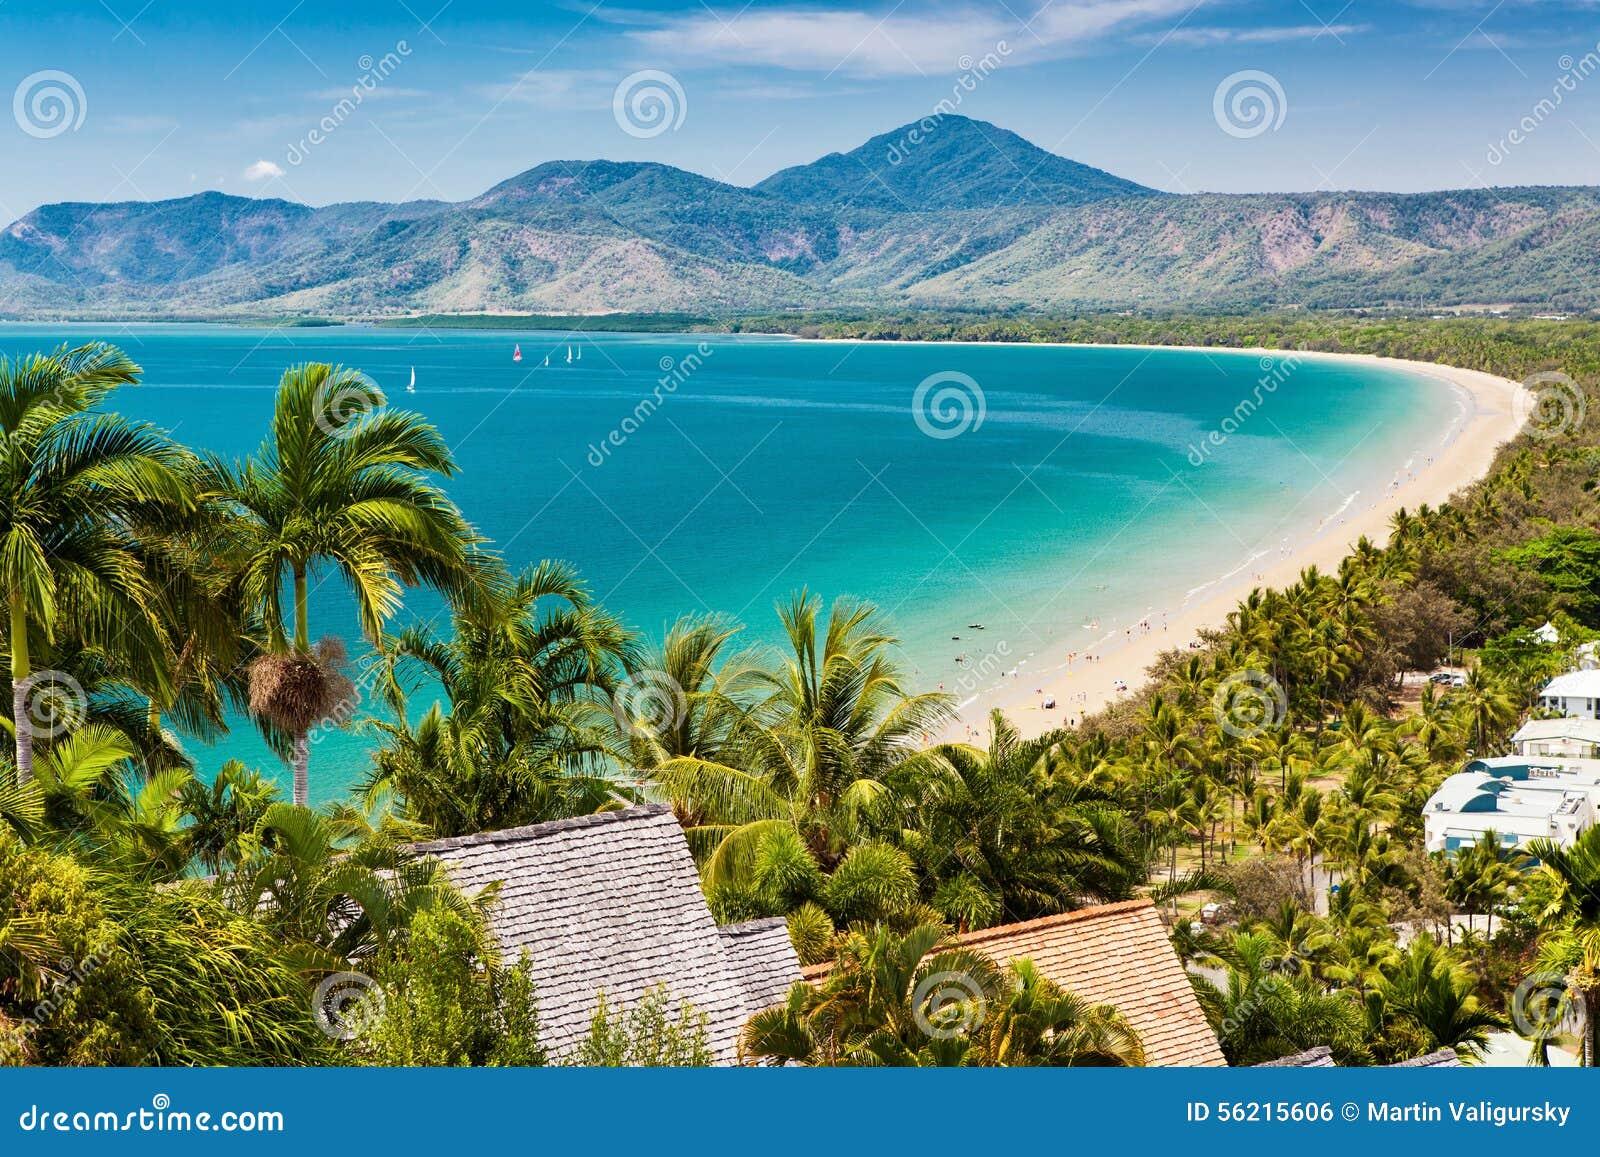 Port- Douglasstrand und Ozean am sonnigen Tag, Queensland